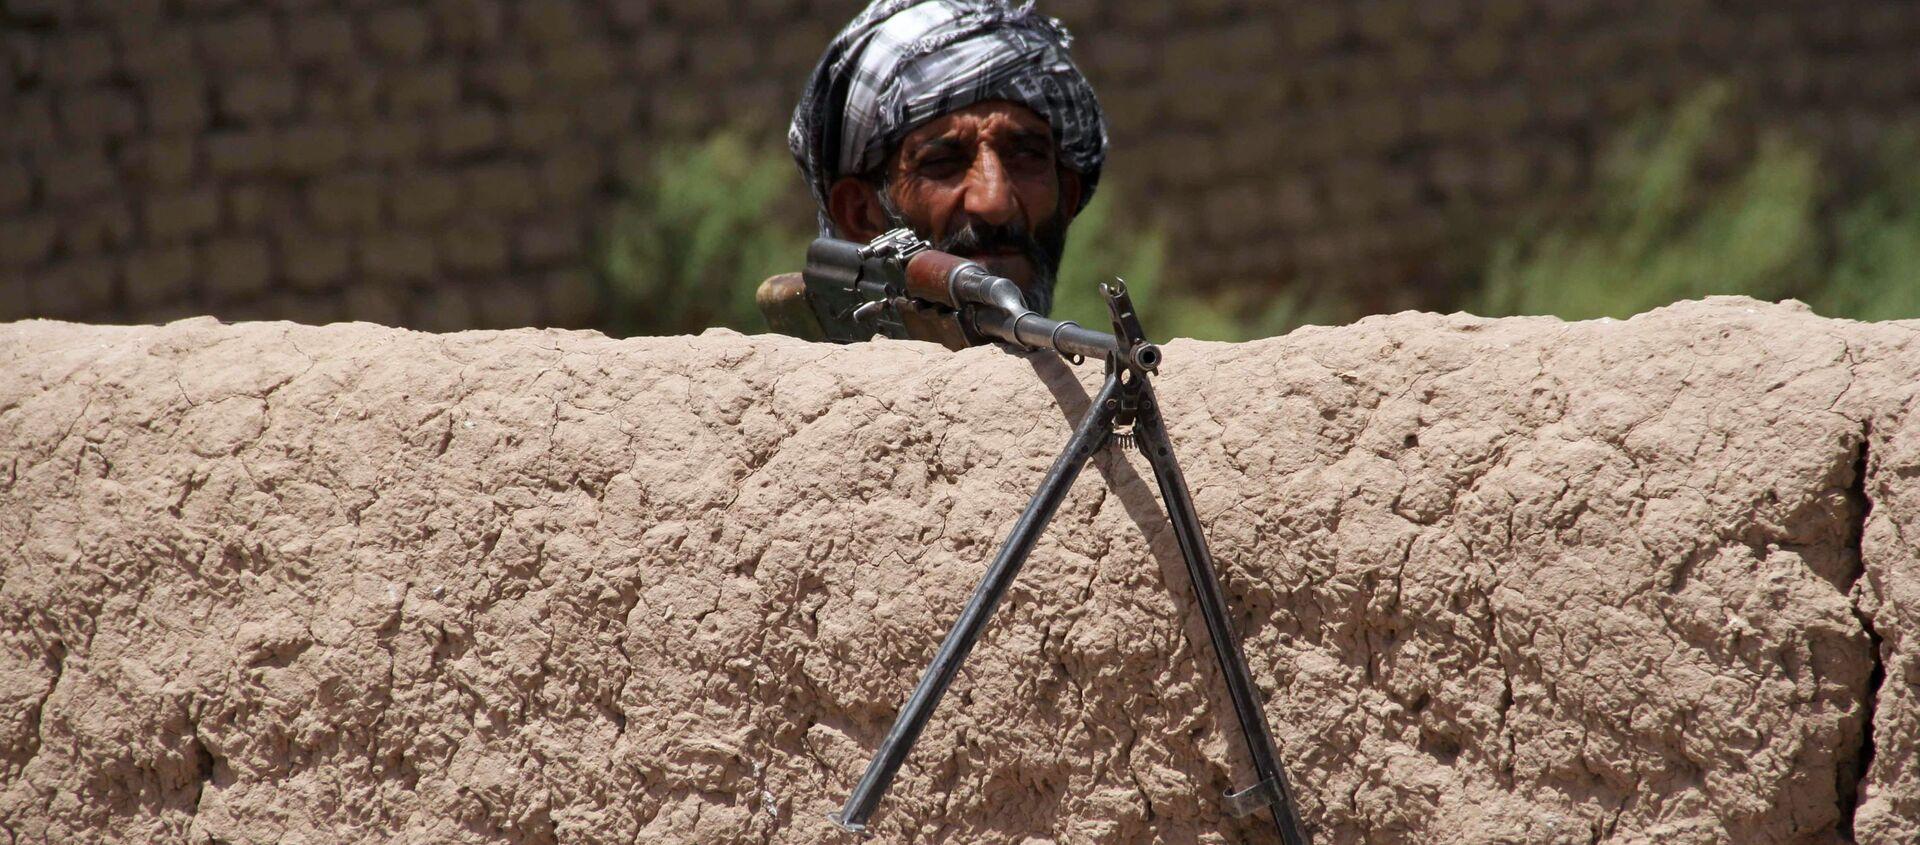 Một cựu Mujahideen (hoặc mujahidin, chiến binh thánh chiến Hồi giáo) đang trong ca trực trạm kiểm soát ở ngoại vi tỉnh Herat, Afghanistan - Sputnik Việt Nam, 1920, 09.08.2021